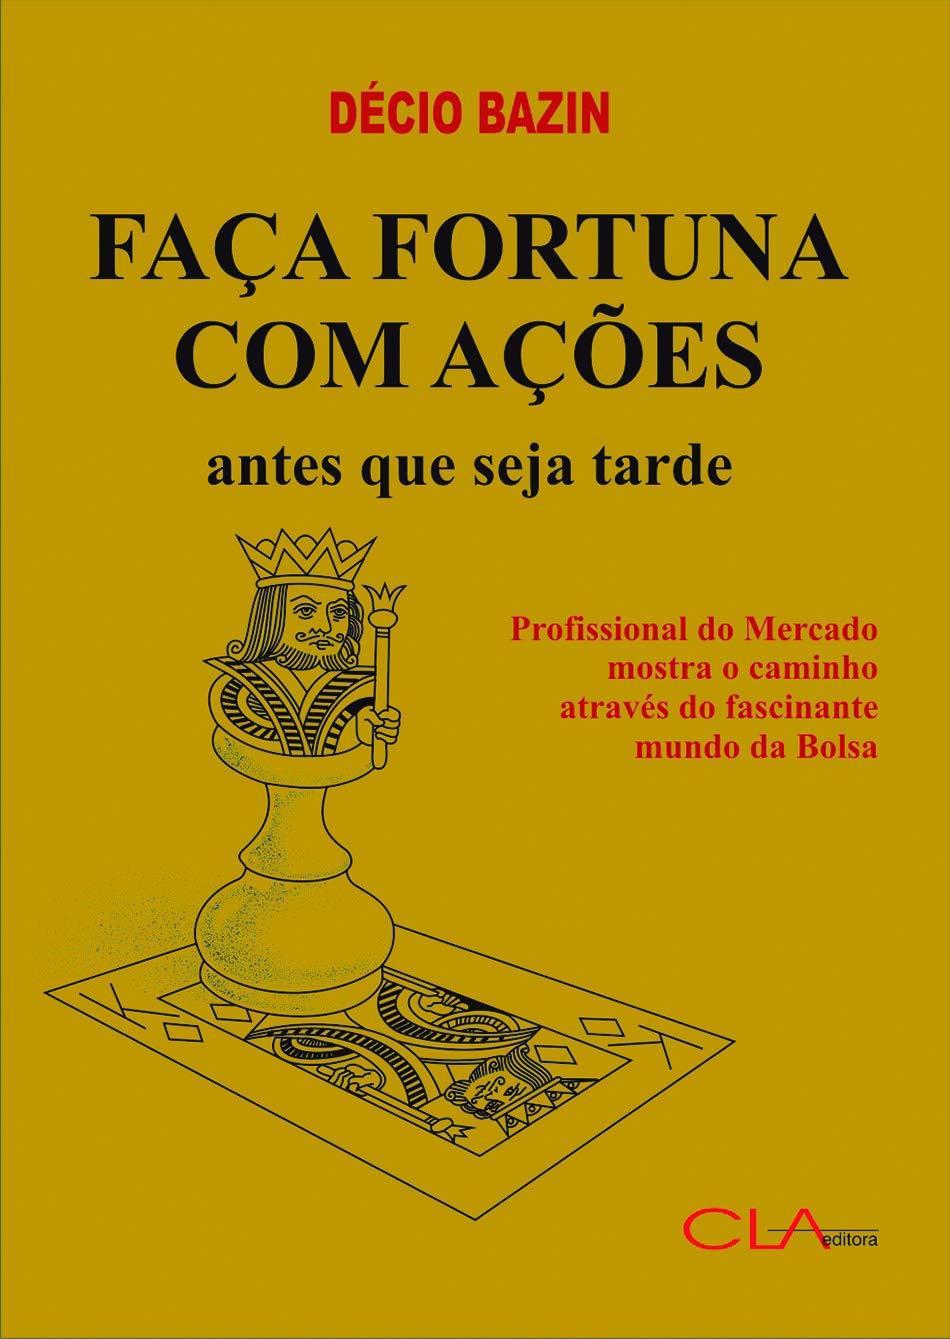 FAÇA FORTUNA COM AÇÕES - ANTES QUE SEJA TARDE!